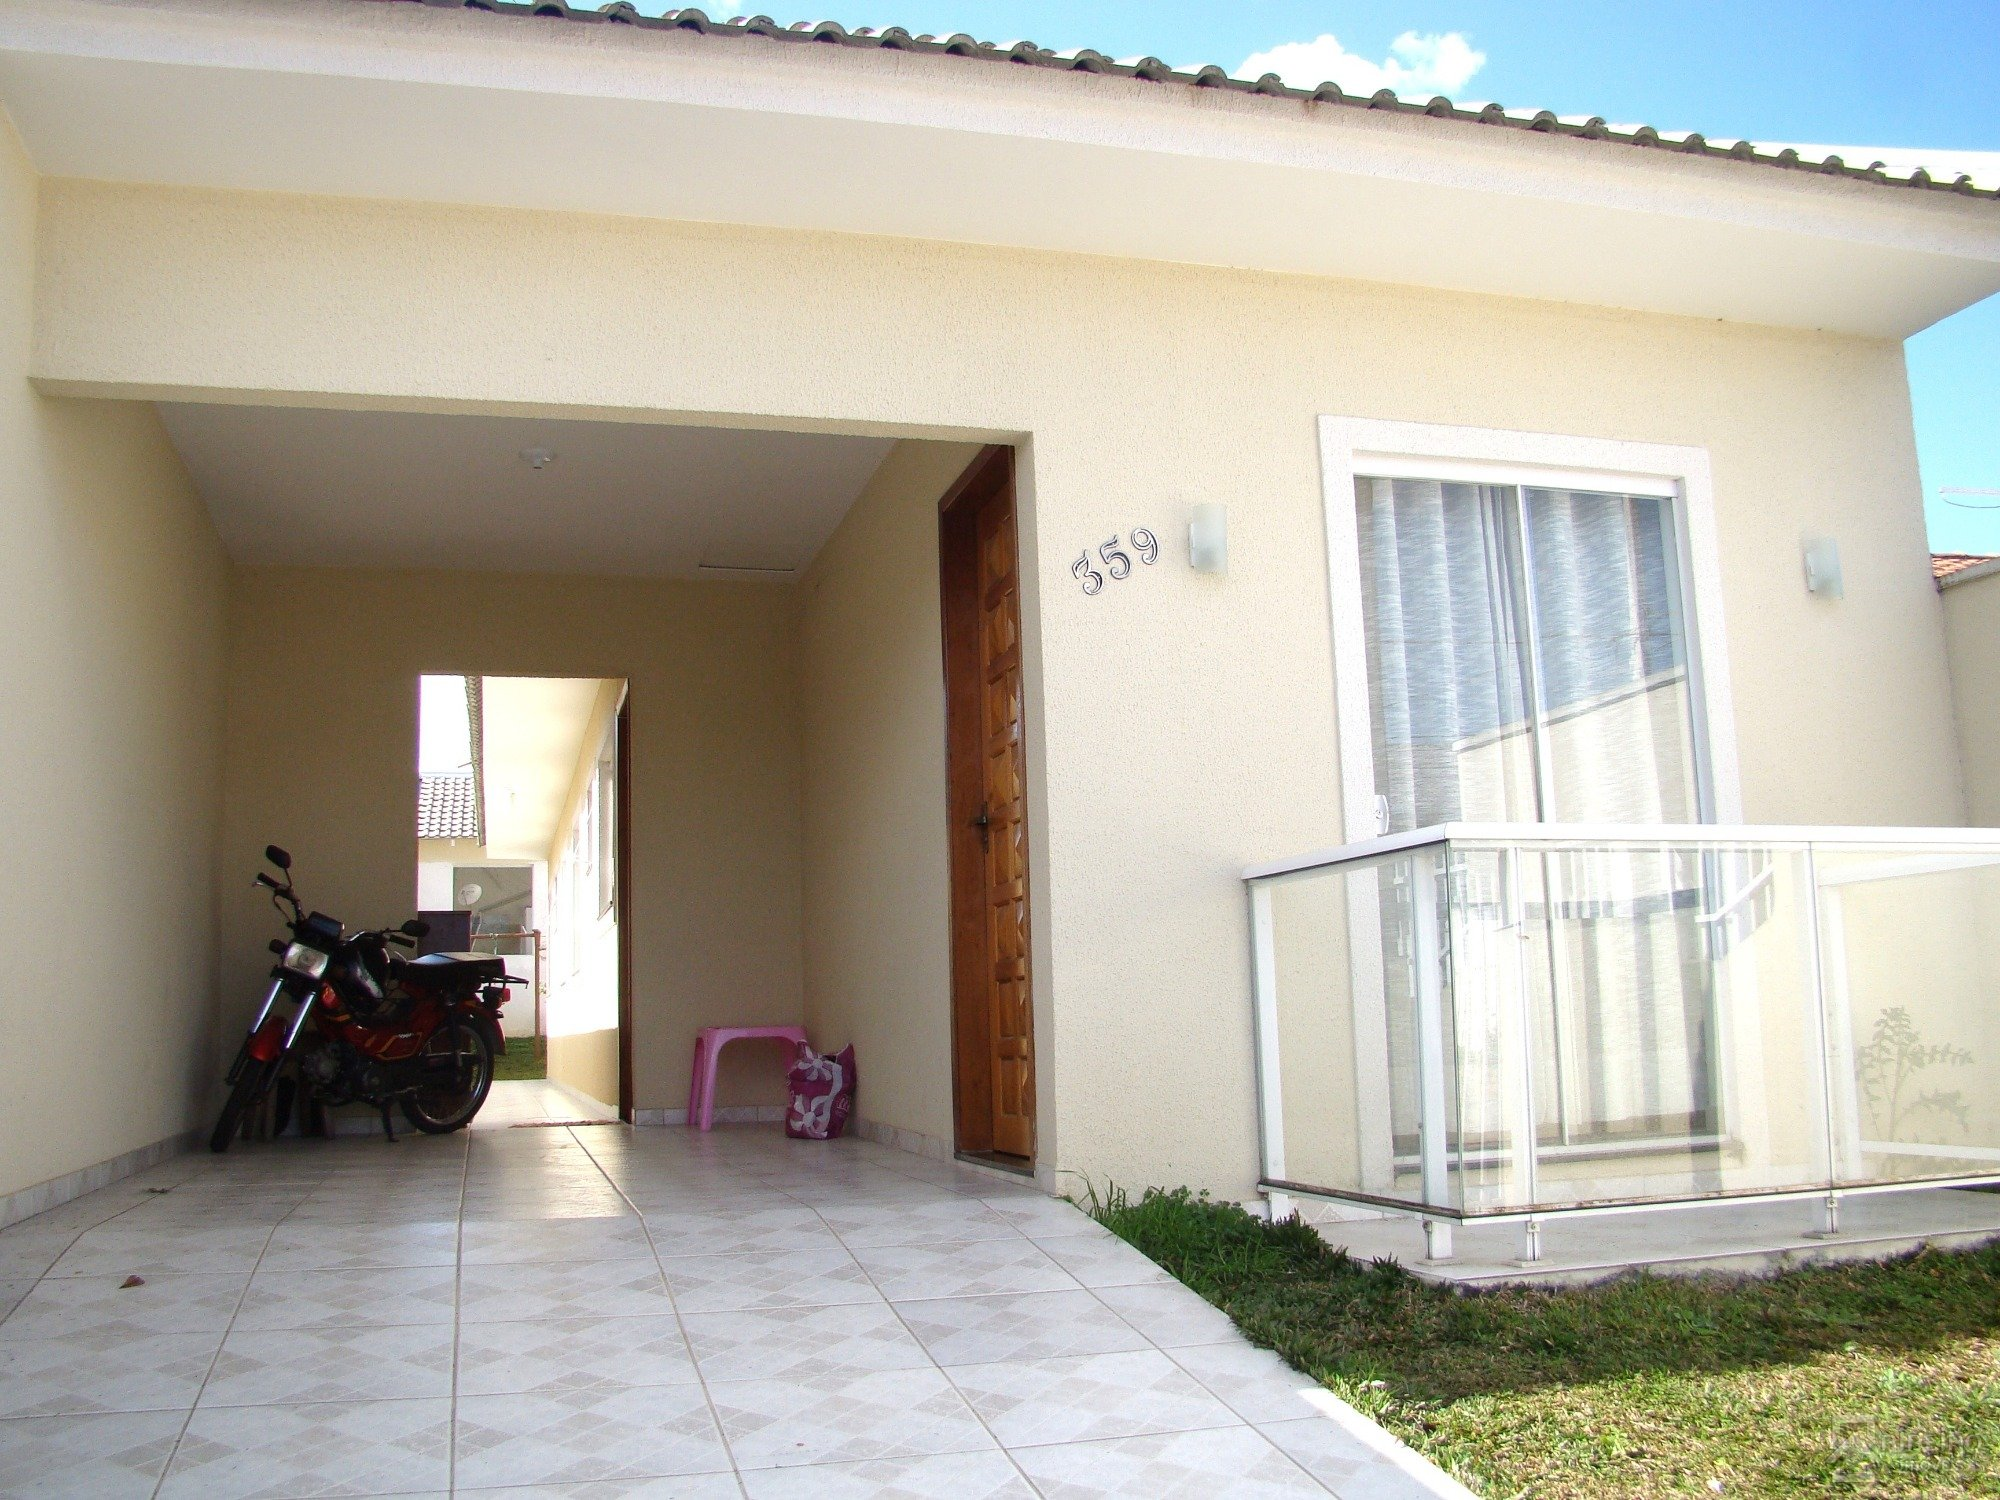 REF. 5163 -  São José Dos Pinhais - Rua  Deputado Arnaldo Faivro Busato, 359